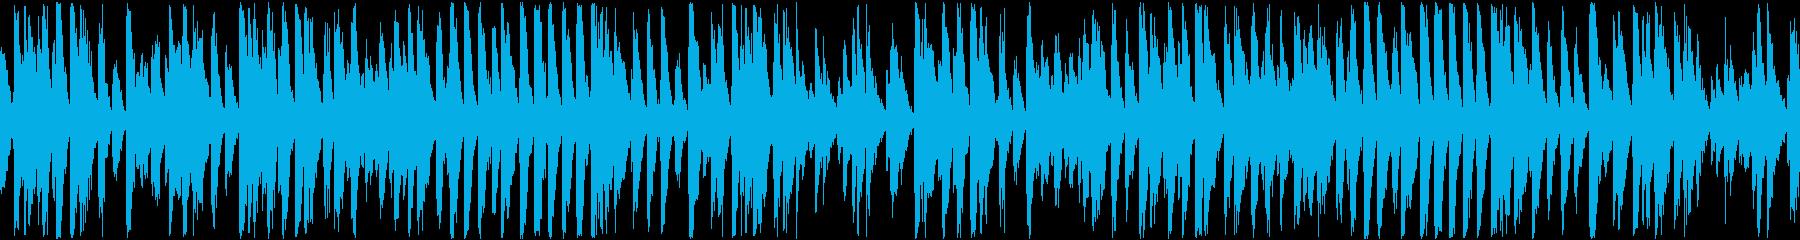 かわいいコミカルなラグタイム(ループ)の再生済みの波形